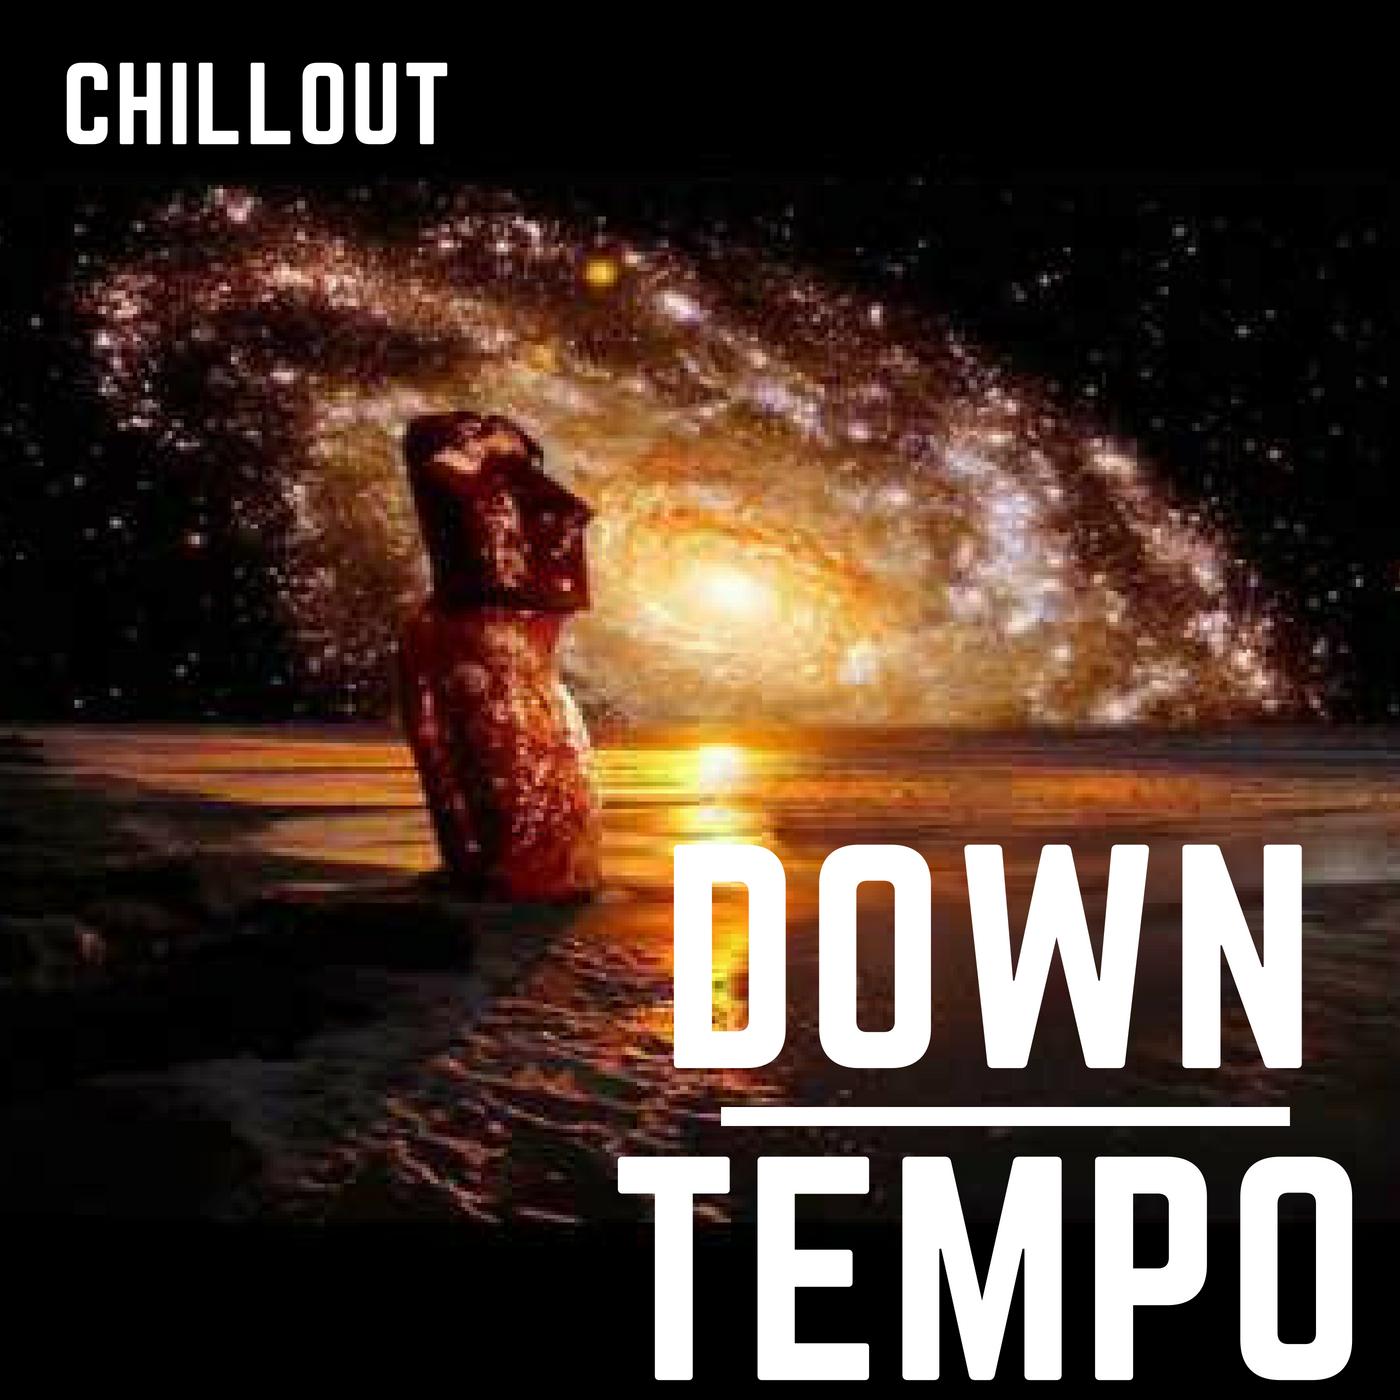 DOWNTEMPO/CHILLOUT